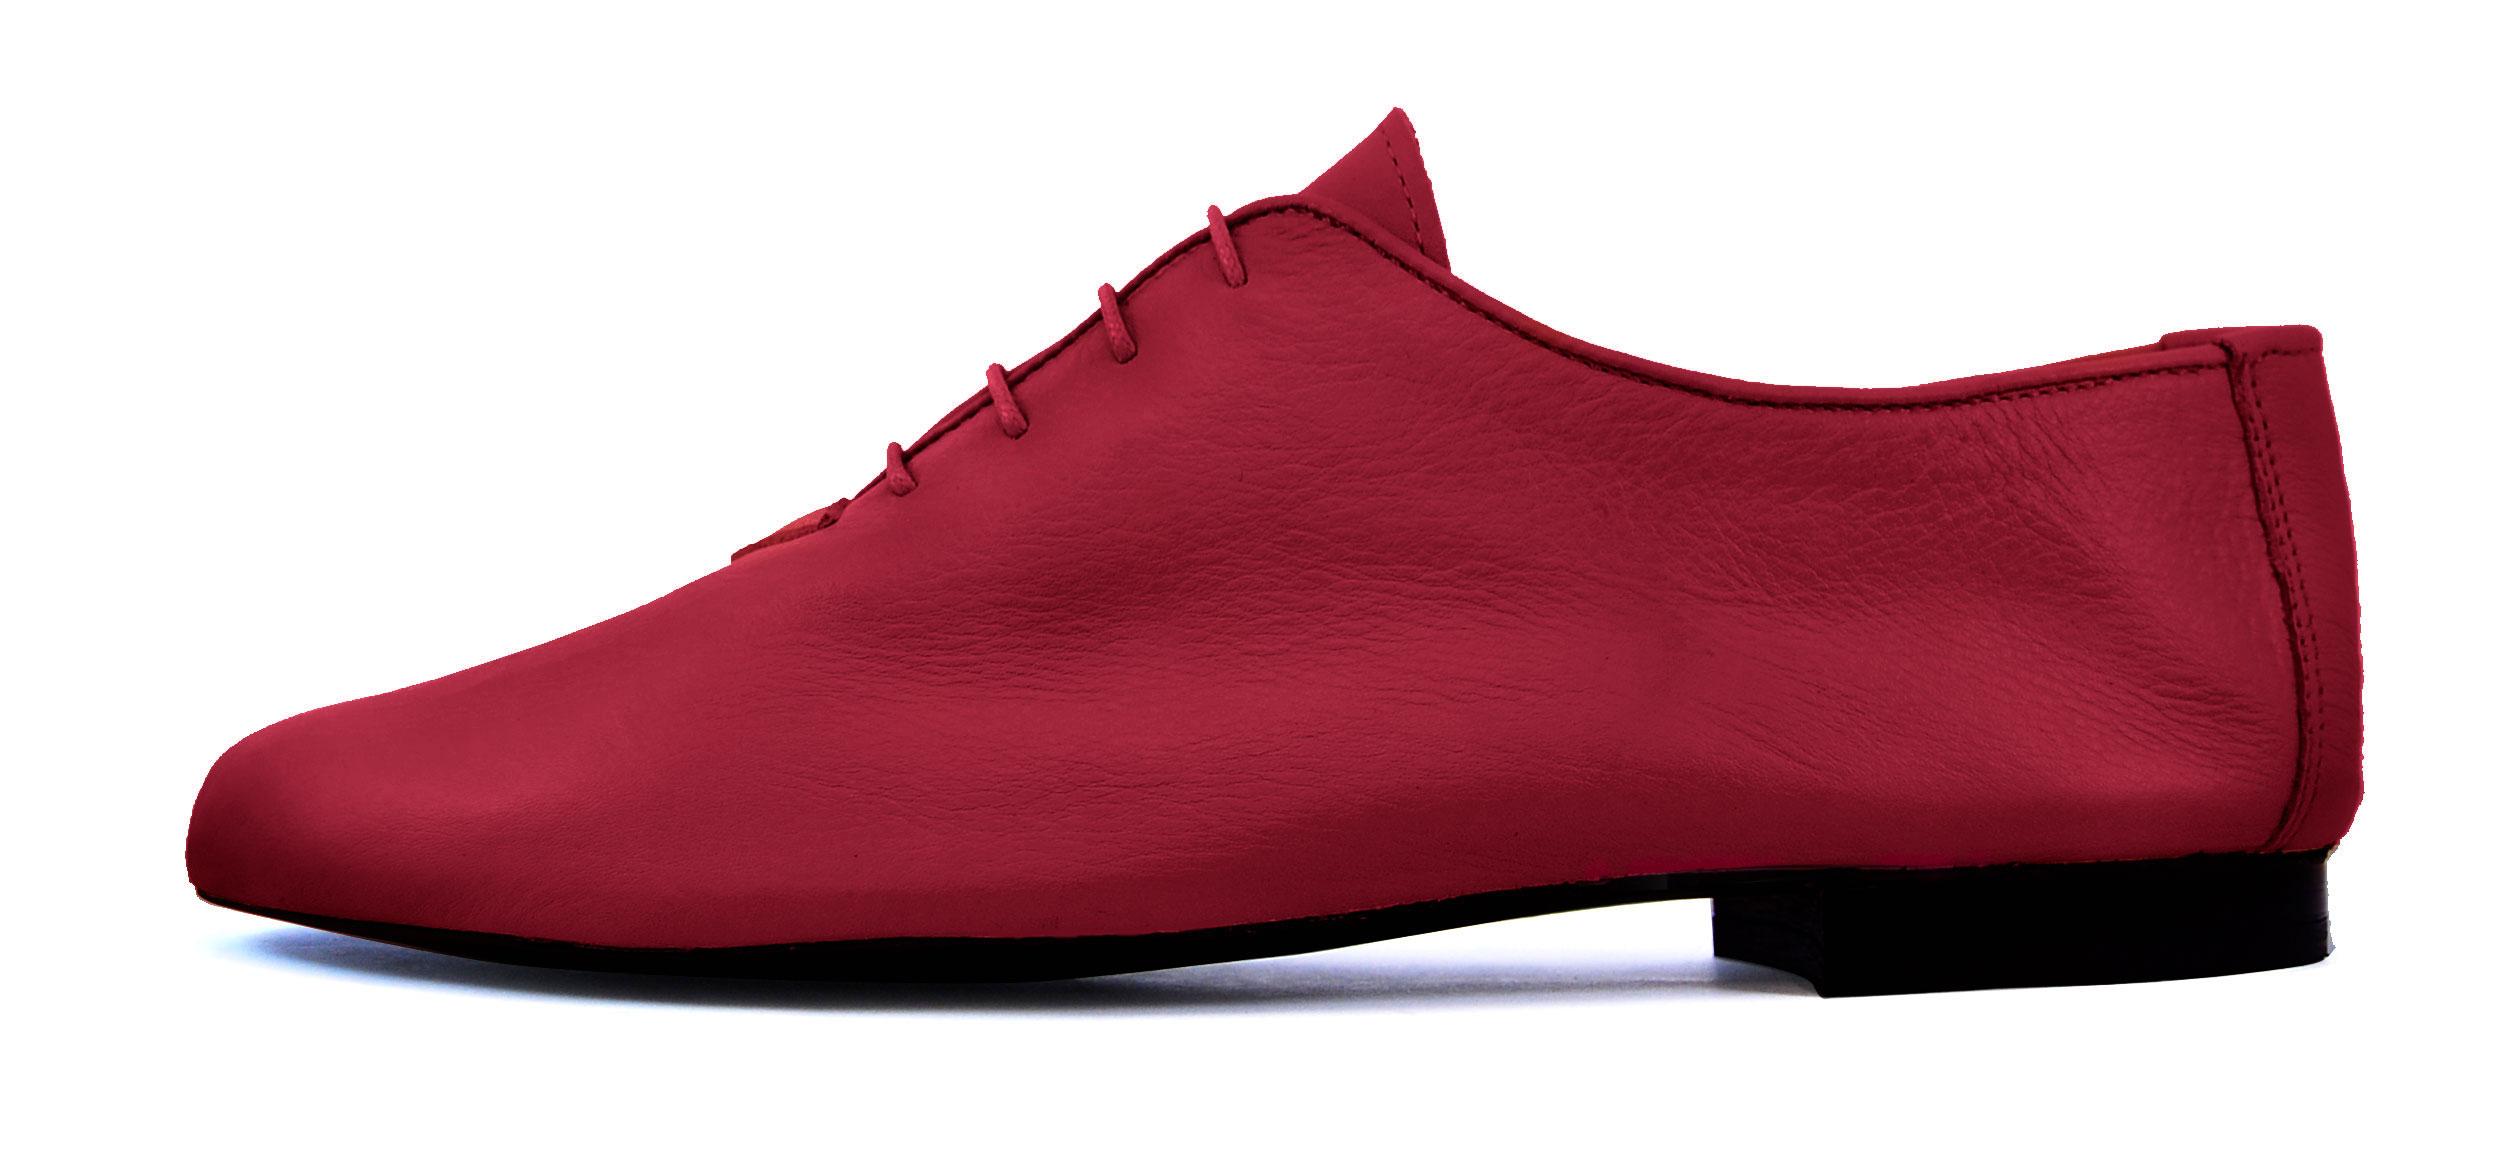 Foto 1 de Zapatos Julio Iglesias Cordon 529 Burdeos Napa